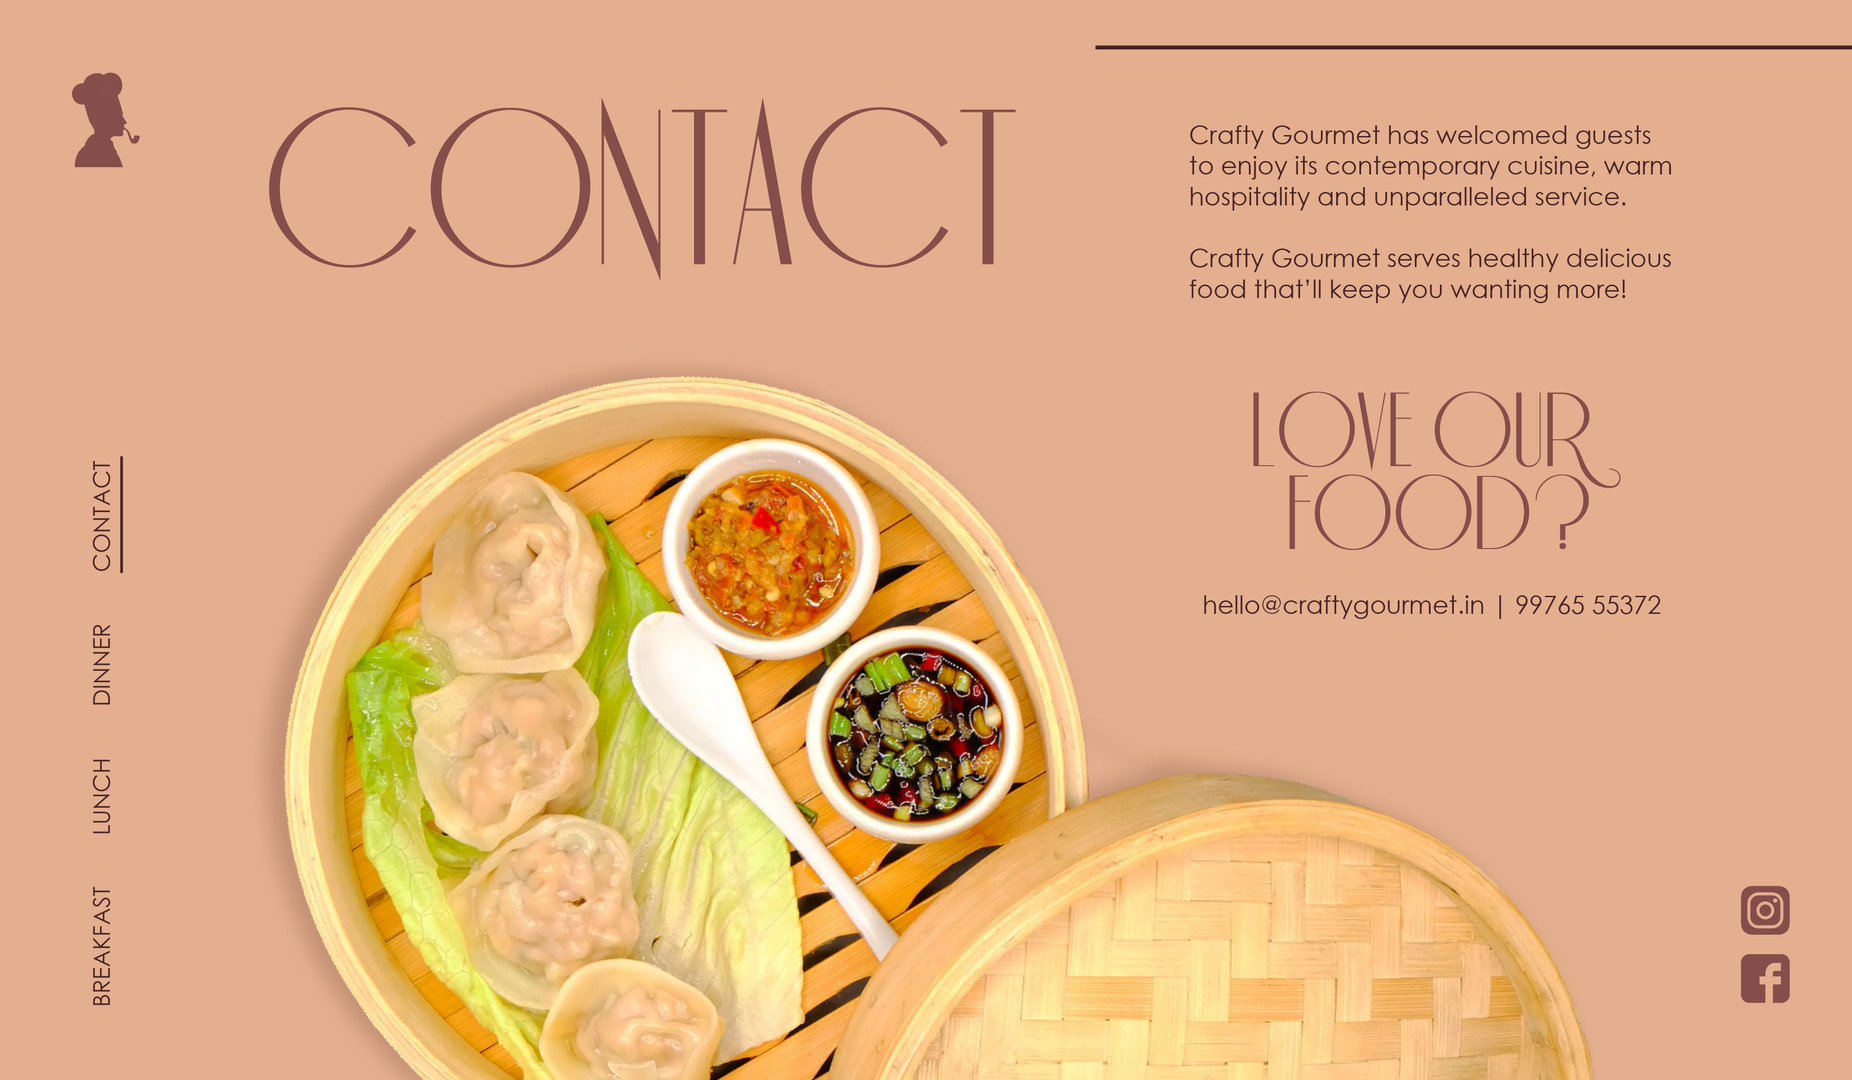 crafty gourmet-04.jpg